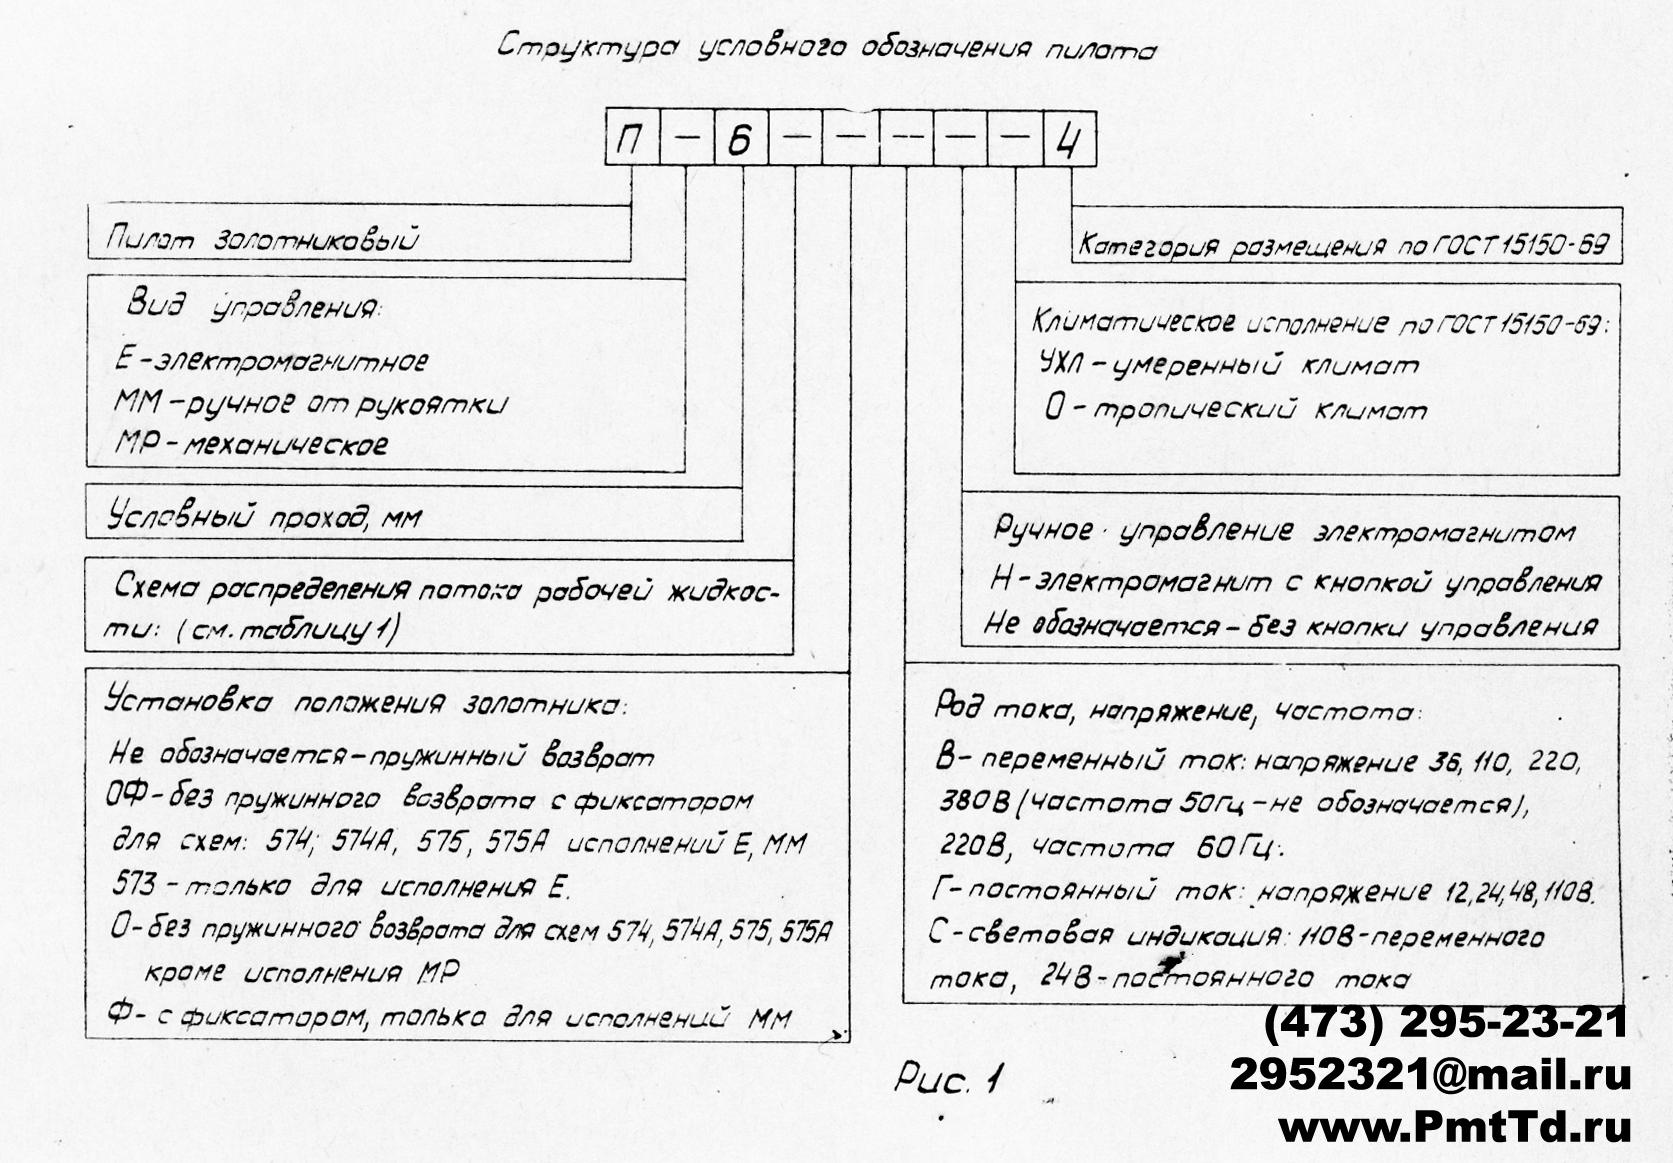 Структура условного обозначения пилота Пе6